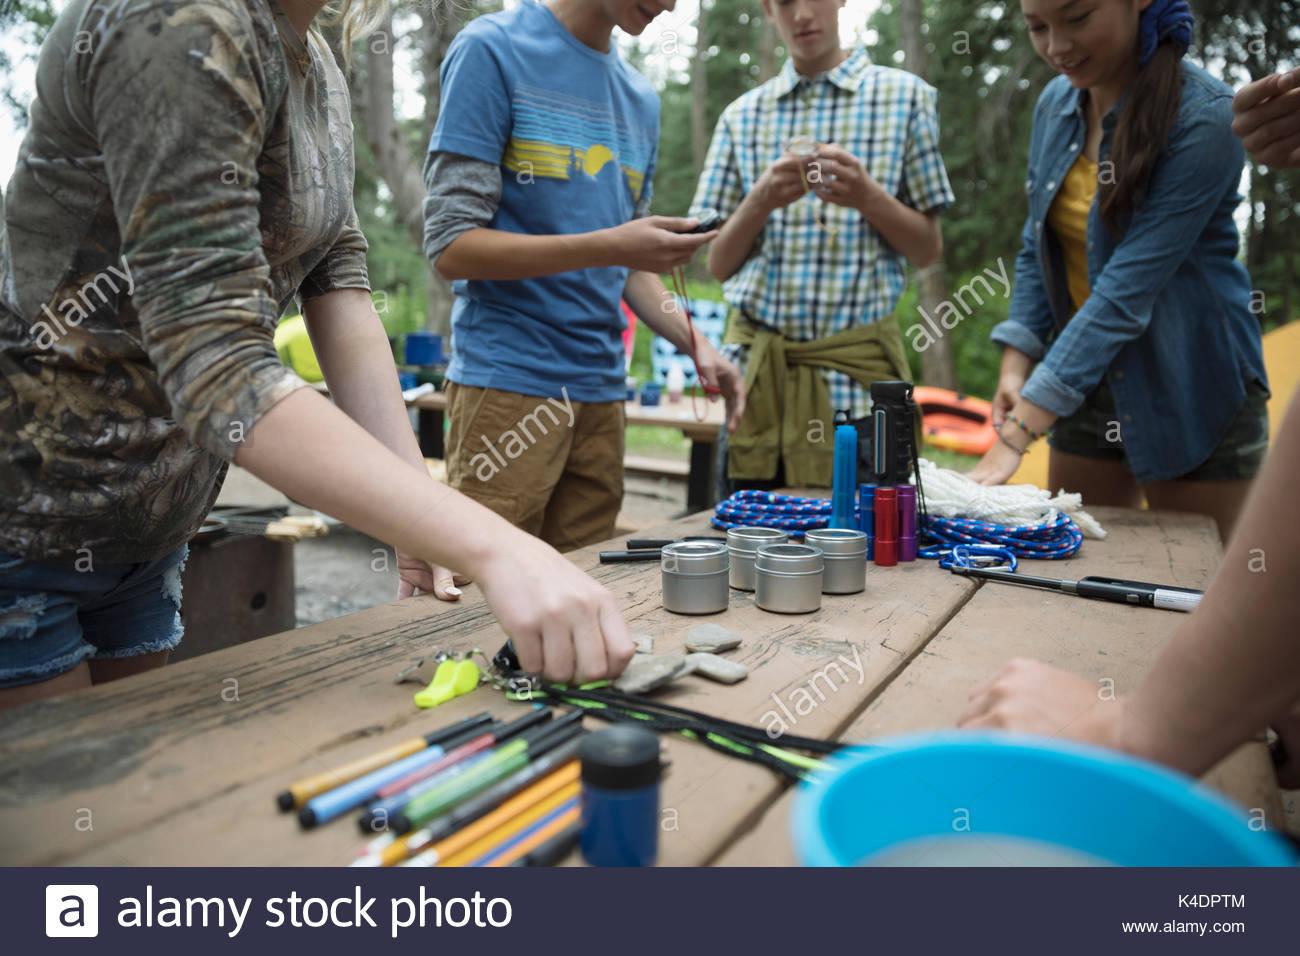 Teenage Studenten Ausrüstung Vorbereitung im Freien Schule camping Picknick Tisch Stockbild